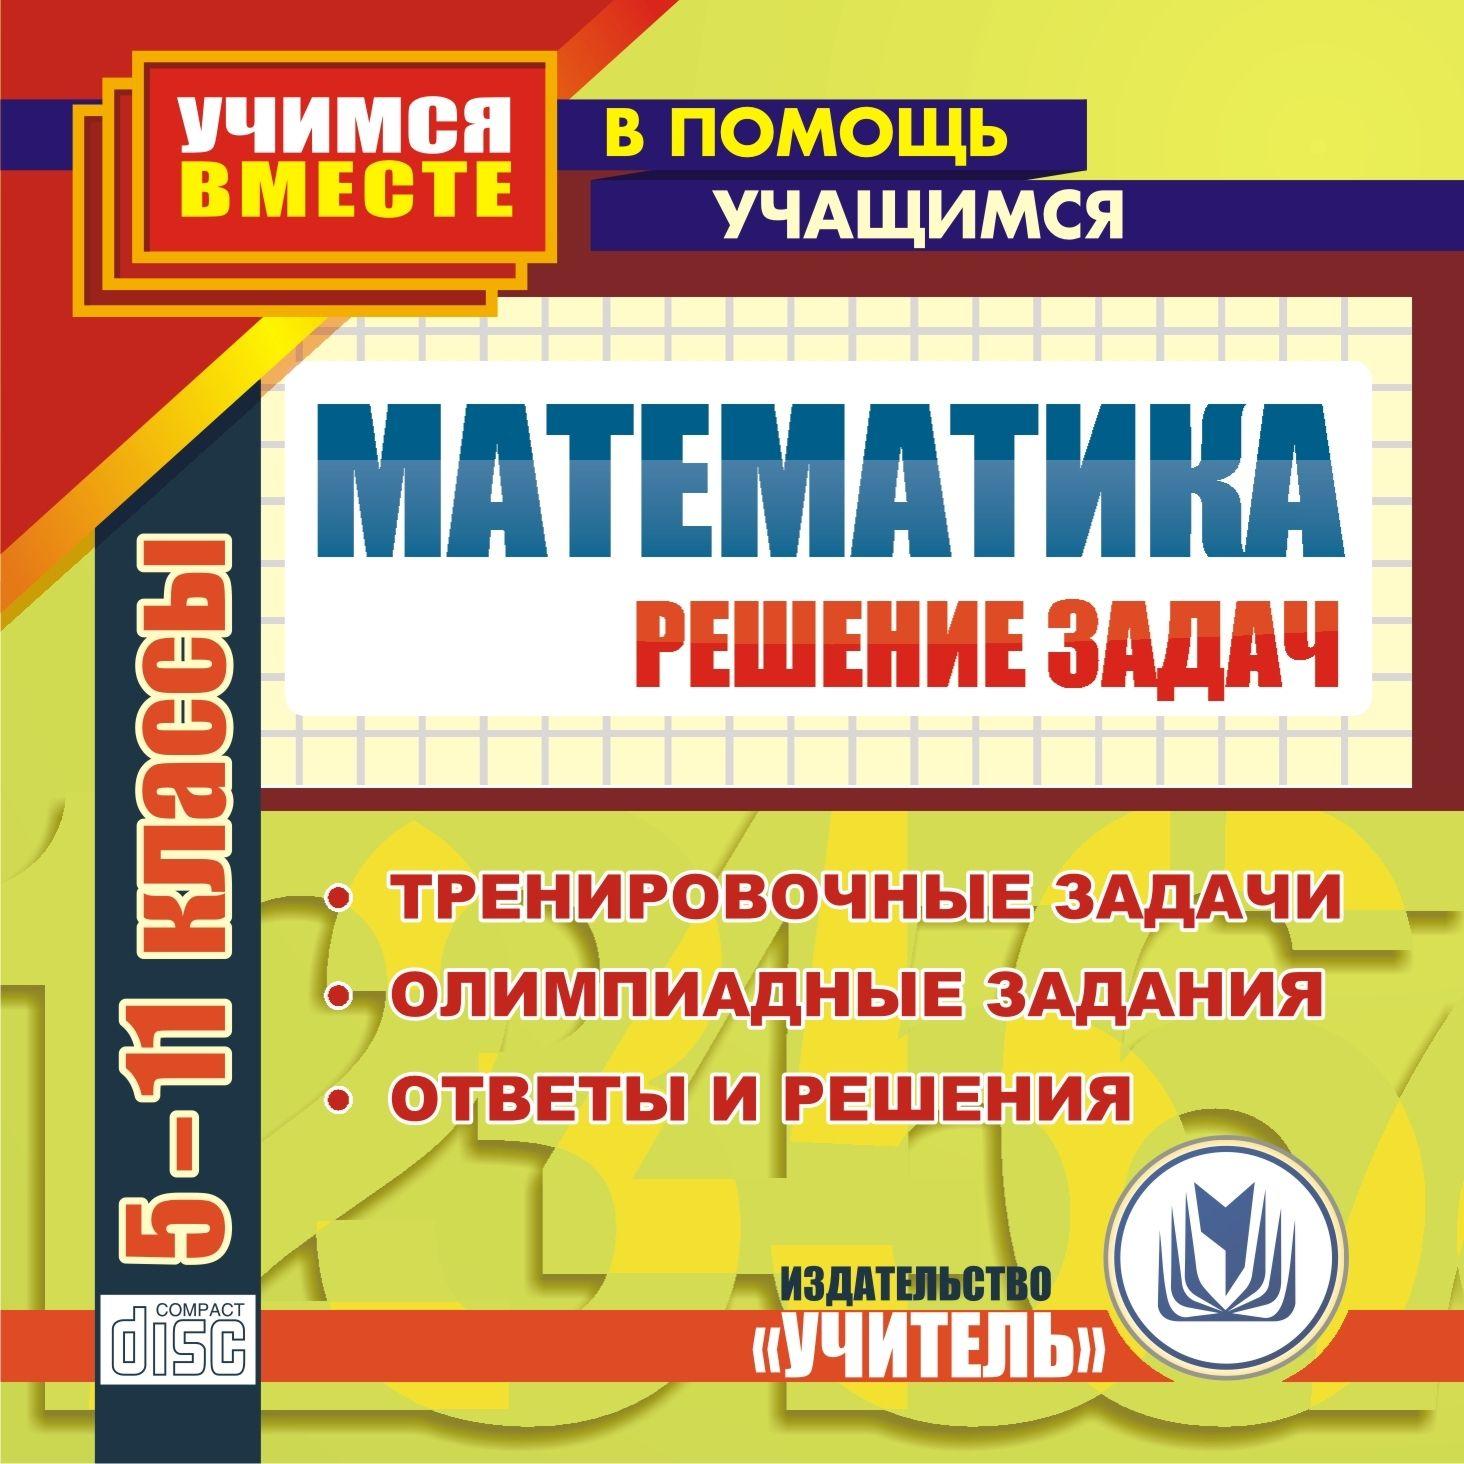 Математика. 5-11 классы. Решение задач. Компакт-диск для компьютера: Тренировочные задачи. Олимпиадные задания. Ответы и решения.Средняя школа<br>Компакт-диск Математика. 5-11 классы. Решение задач включает решения типовых задач по всему курсу математики, практический материал для самоконтроля, позволяющий закрепить знания, развивать аналитические способности, учебно-тренировочные тематические за...<br><br>Авторы: Коллектив авторов<br>Год: 2010<br>Серия: Учимся вместе. В помощь учащимся<br>Высота: 125<br>Ширина: 141<br>Толщина: 10